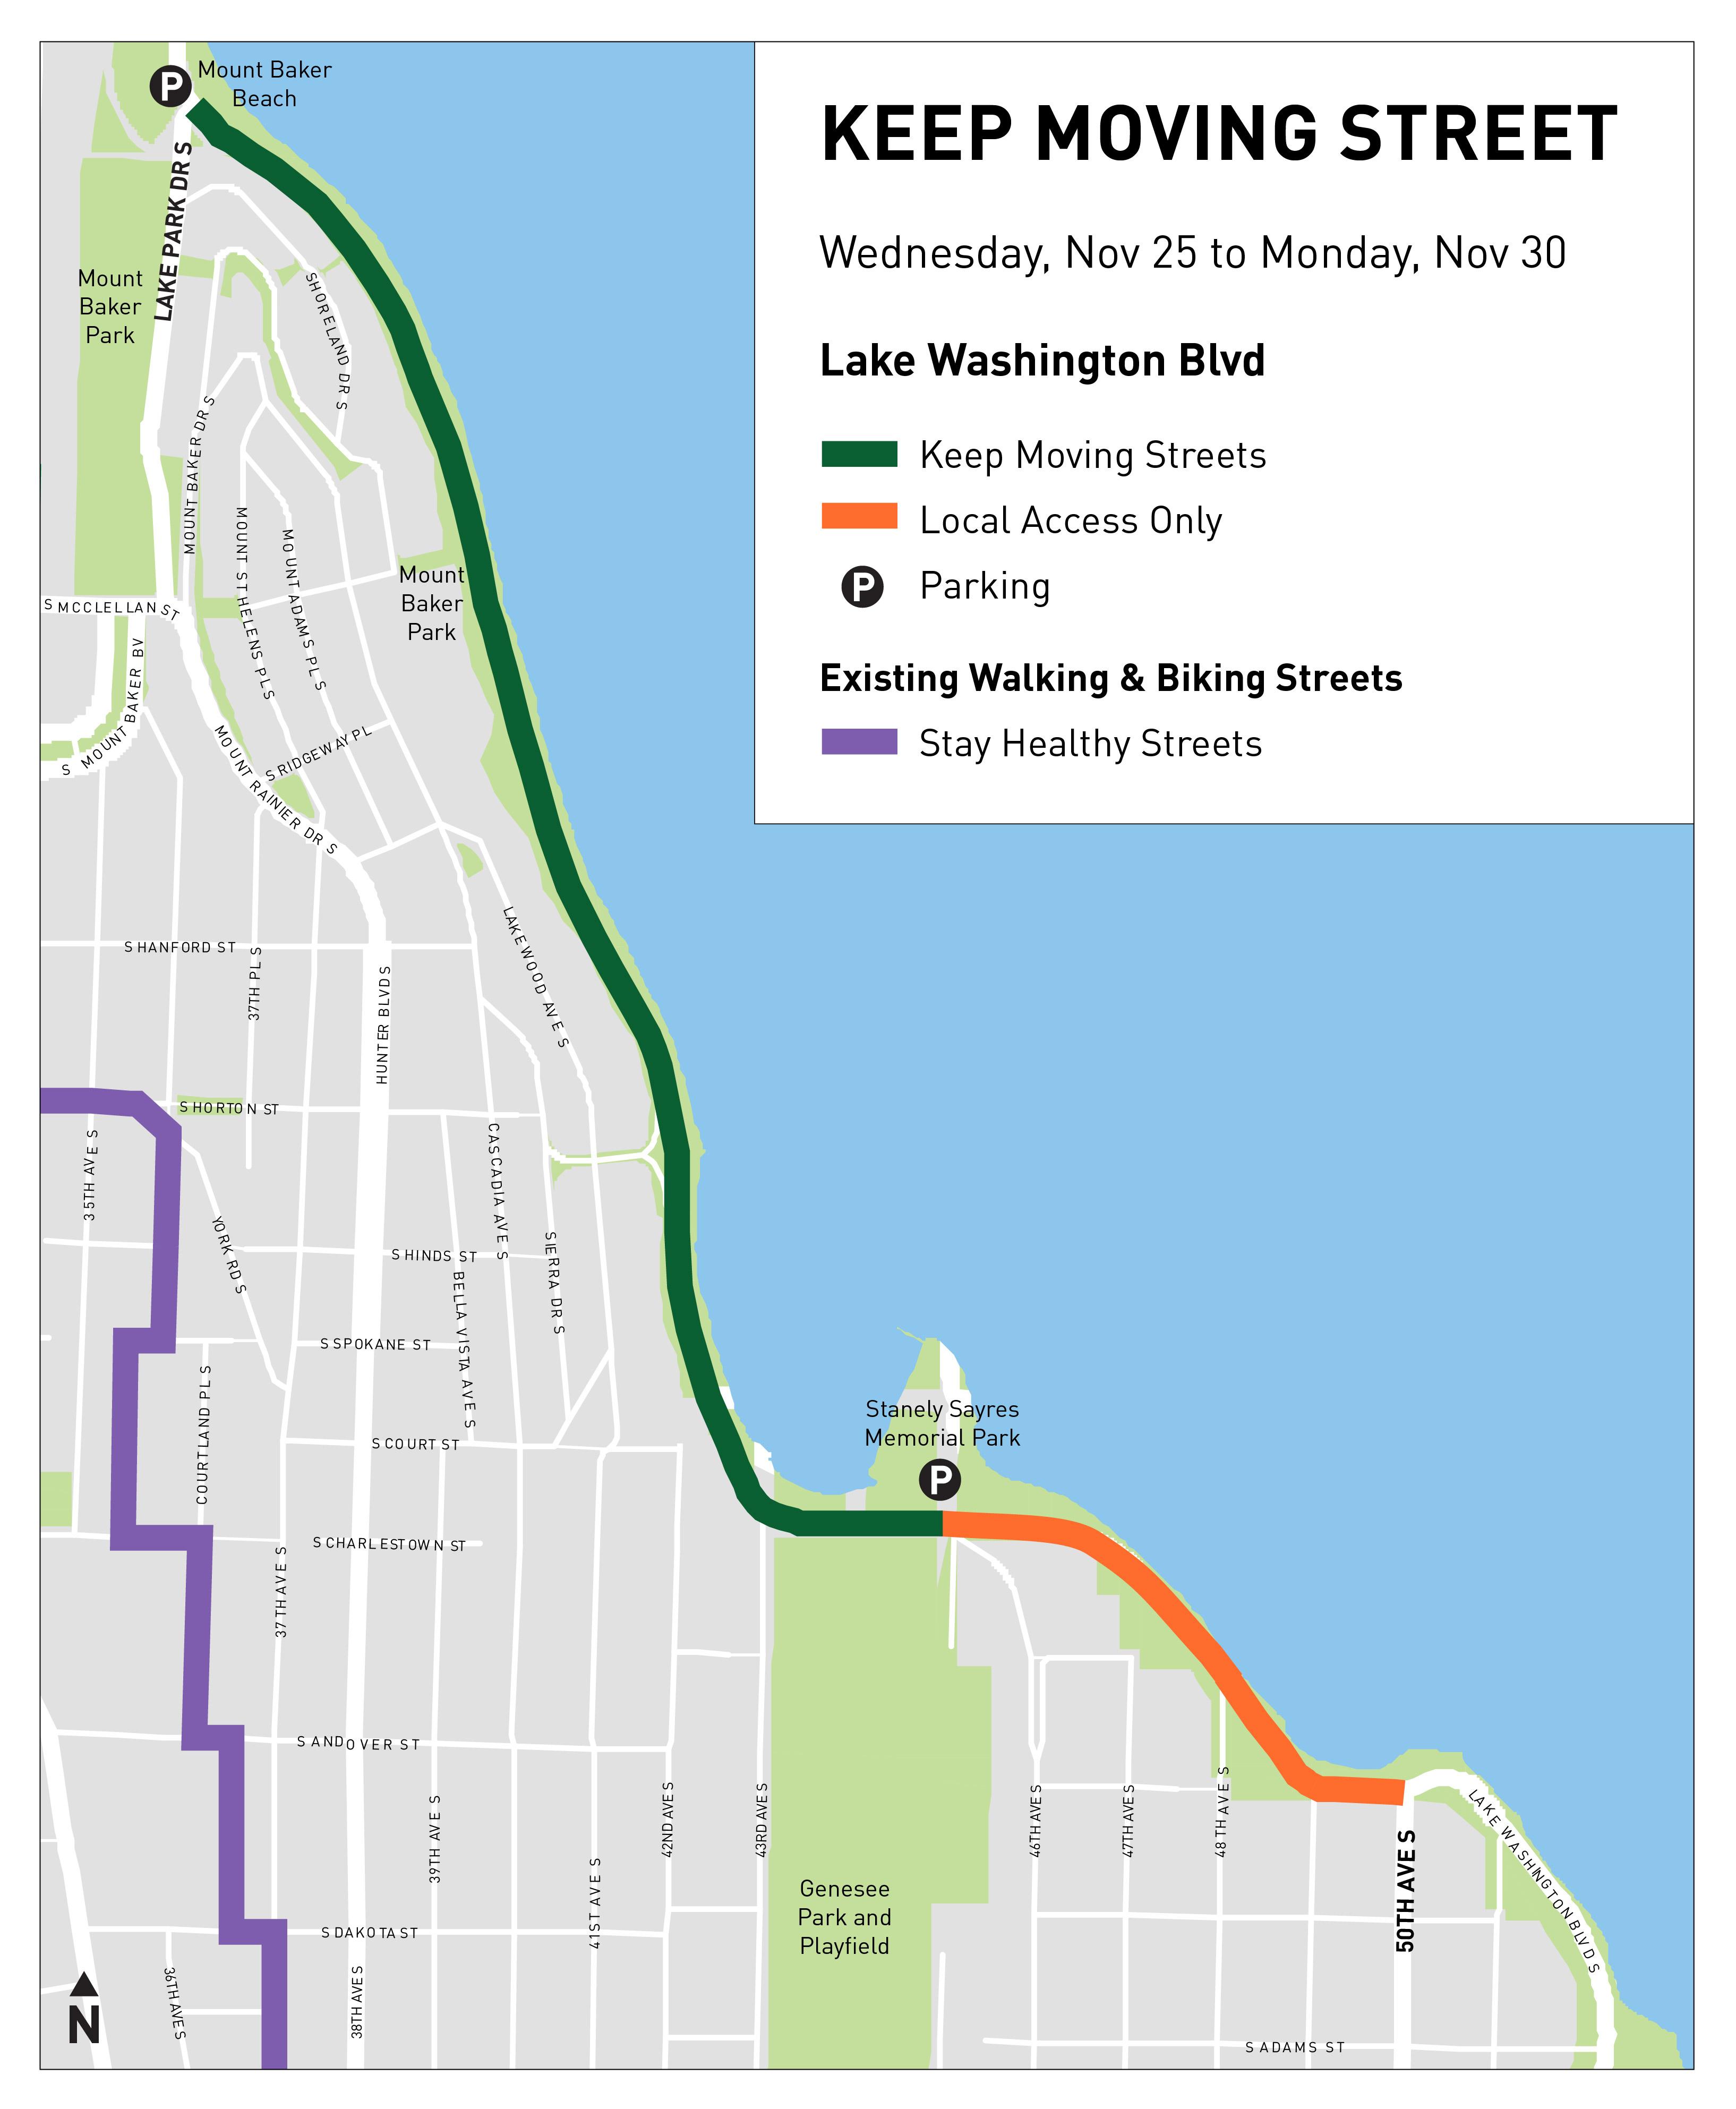 Lake Washington Blvd Reopens to walk/bike/rolling for Thanksgiving!